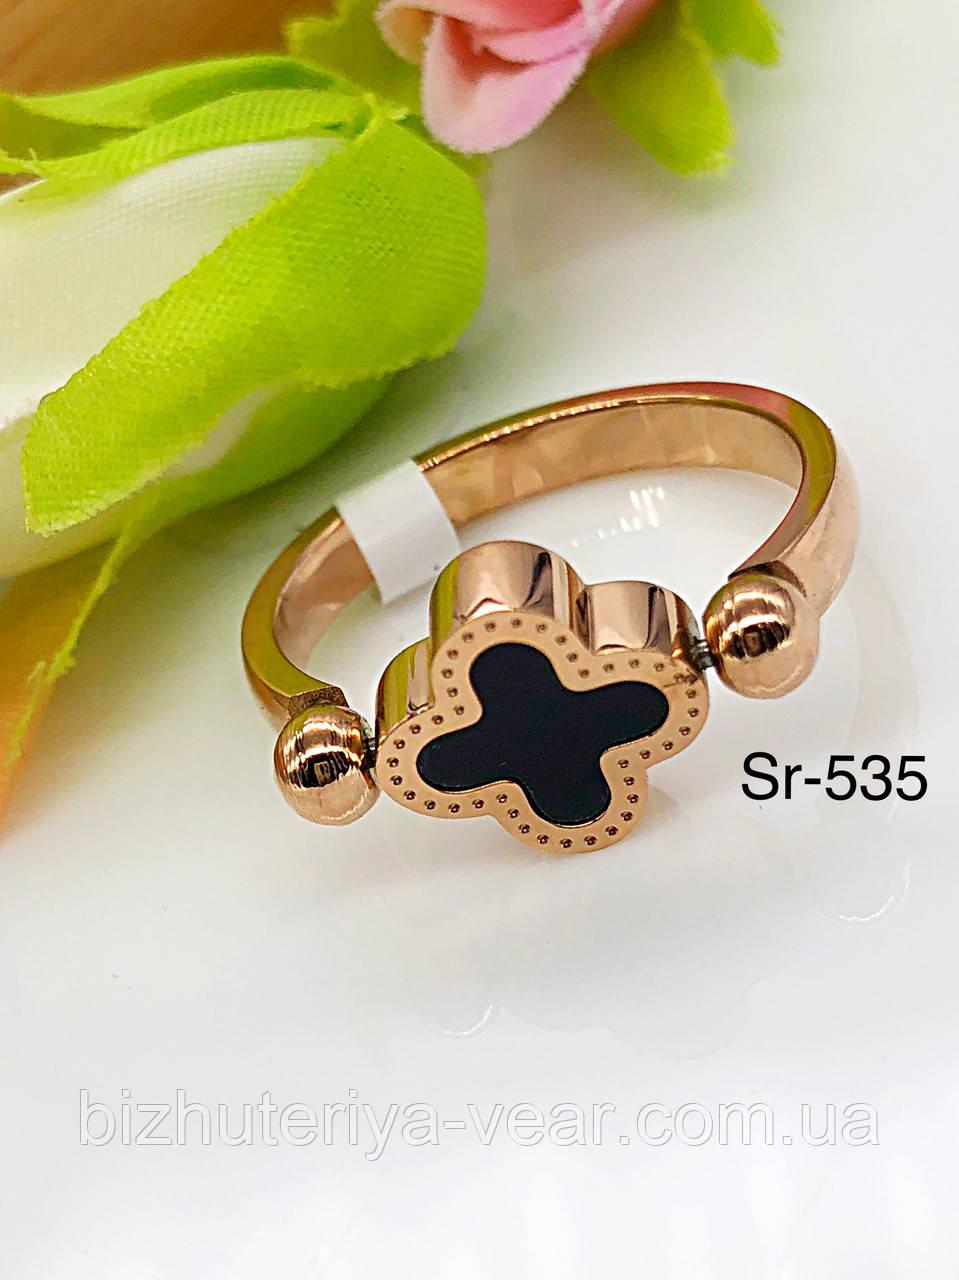 Кольцо Sr-535(6,7,8,9)